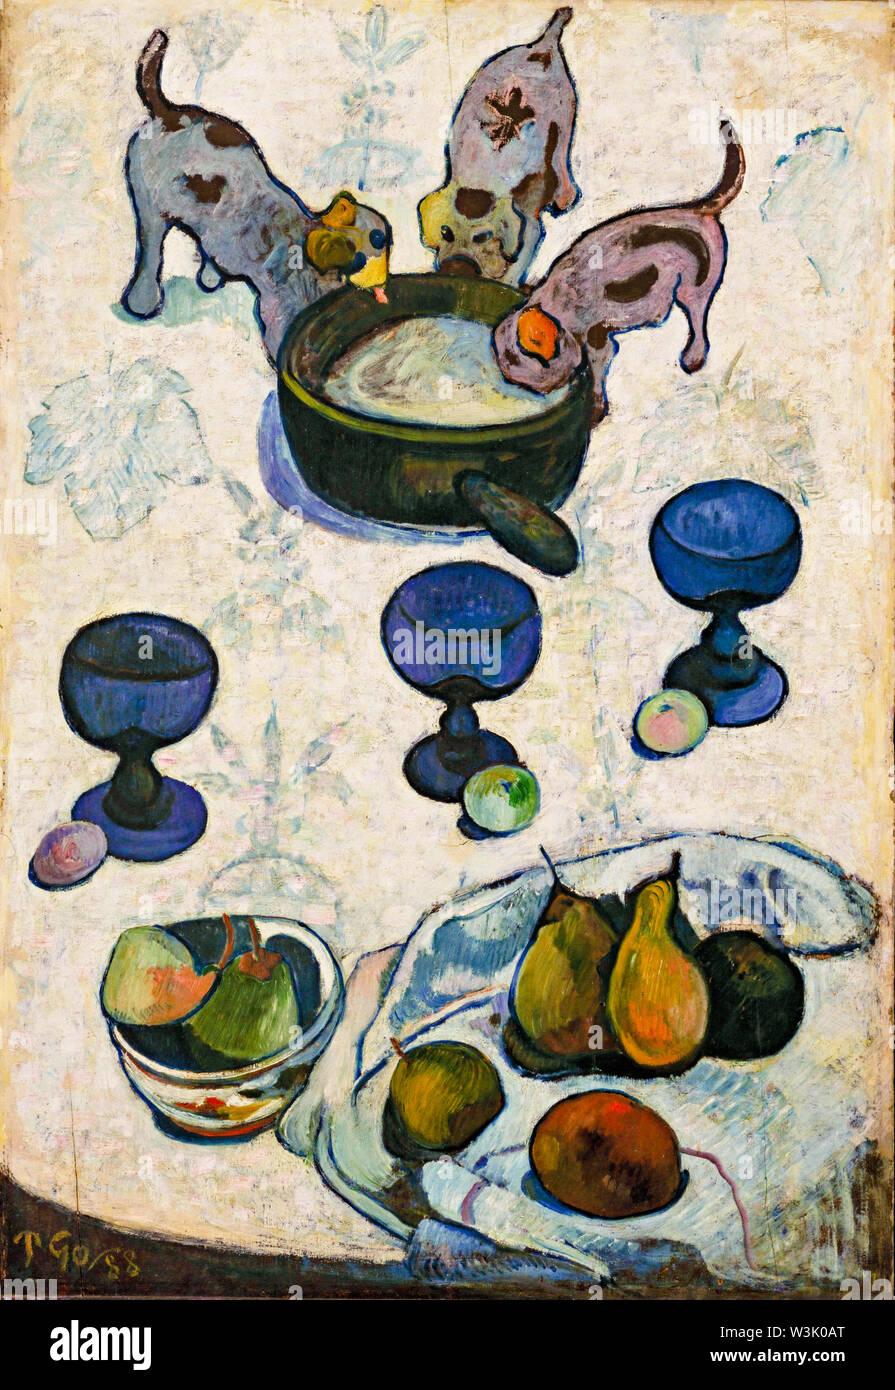 Paul Gauguin, Stillleben mit drei Welpen, Malerei, 1888 Stockbild